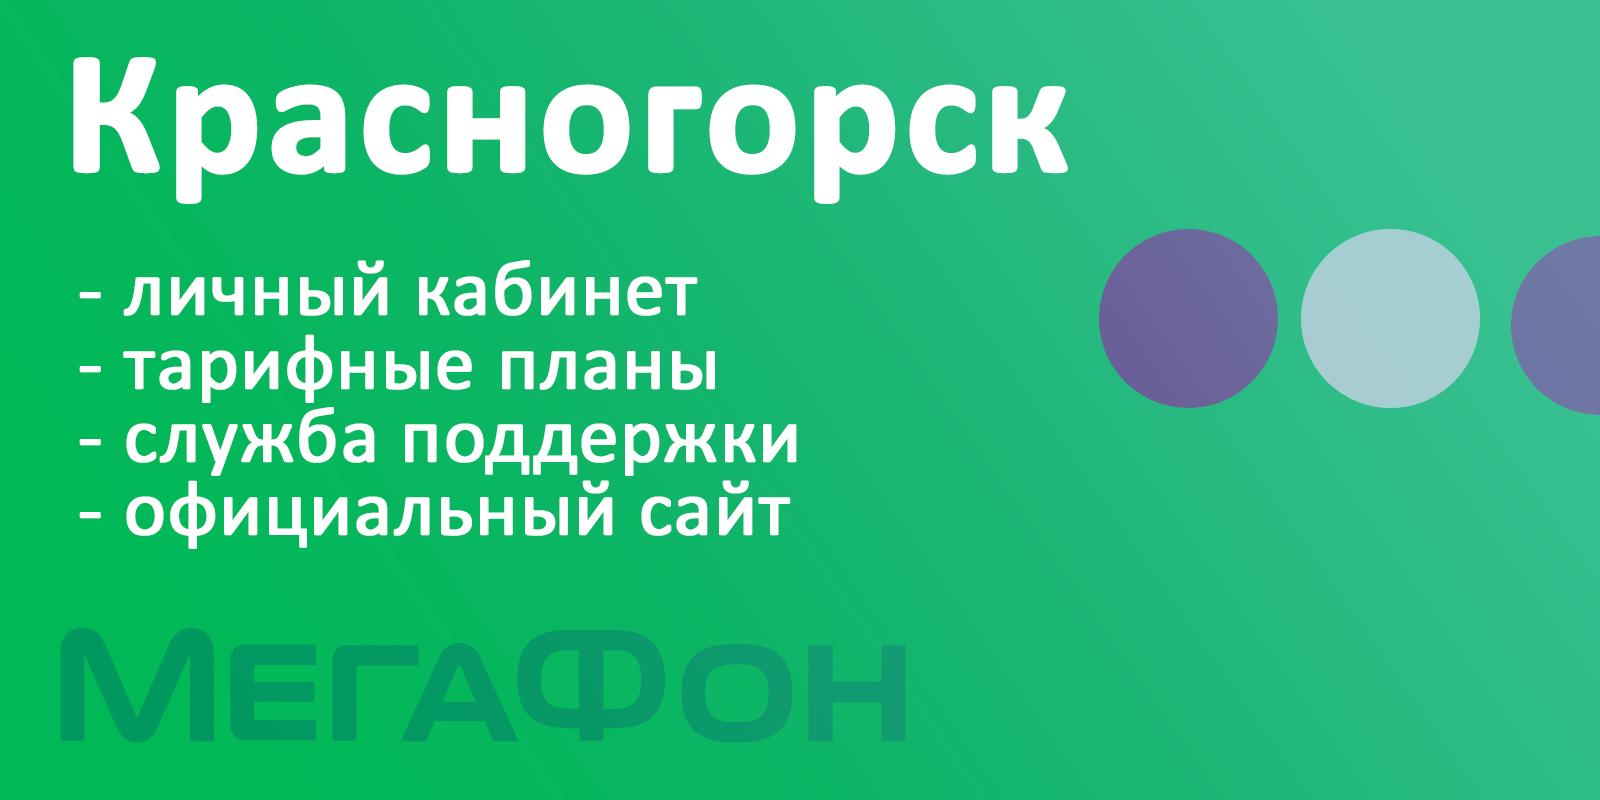 Мегафон Красногорск — тарифы, личный кабинет, официальный сайт